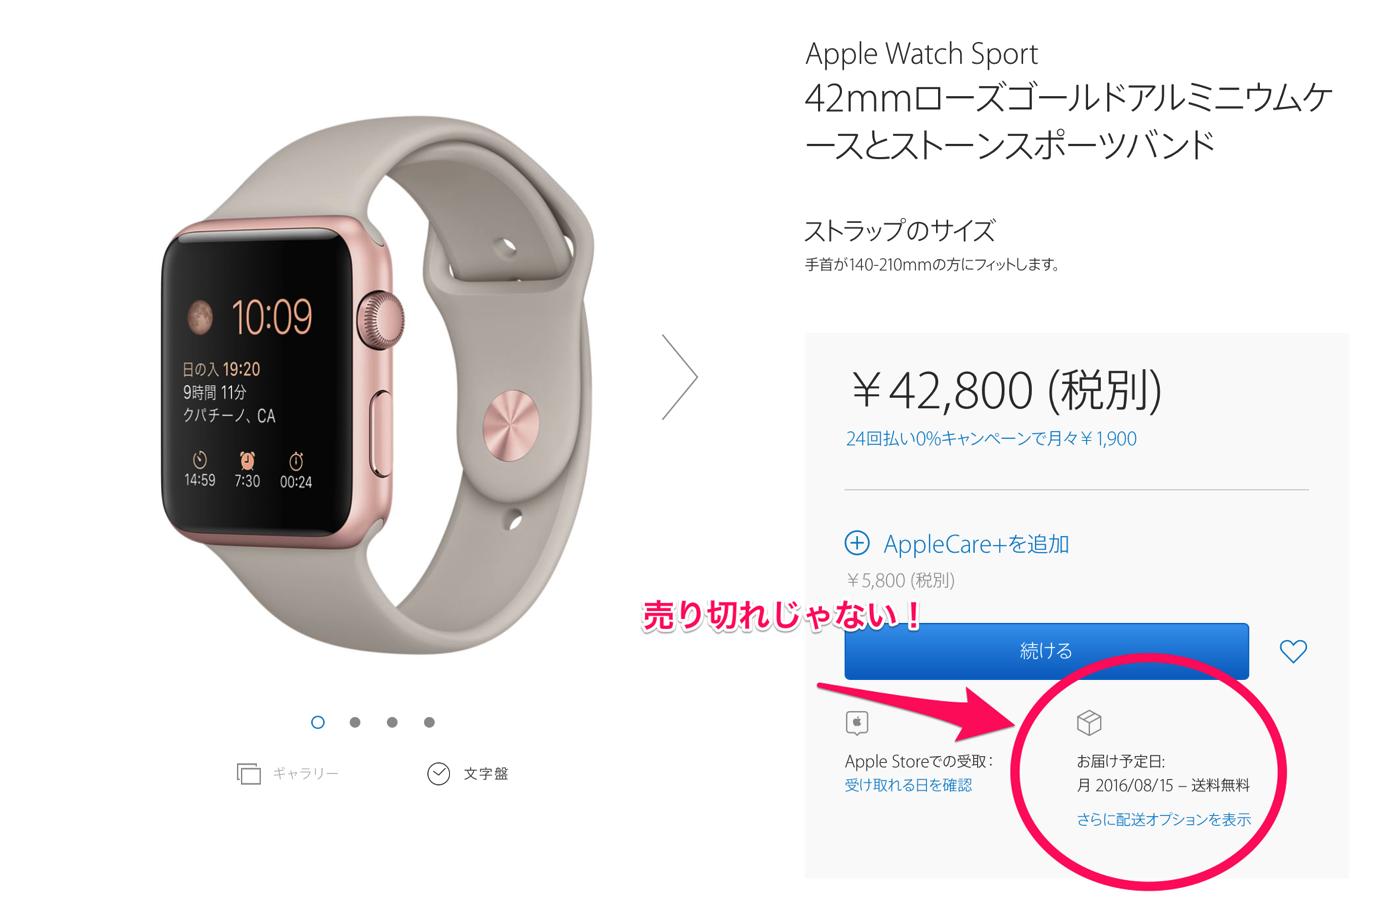 Apple Watch Sport 42mmローズゴールドアルミニウムケースとストーンスポーツバンド Apple 日本